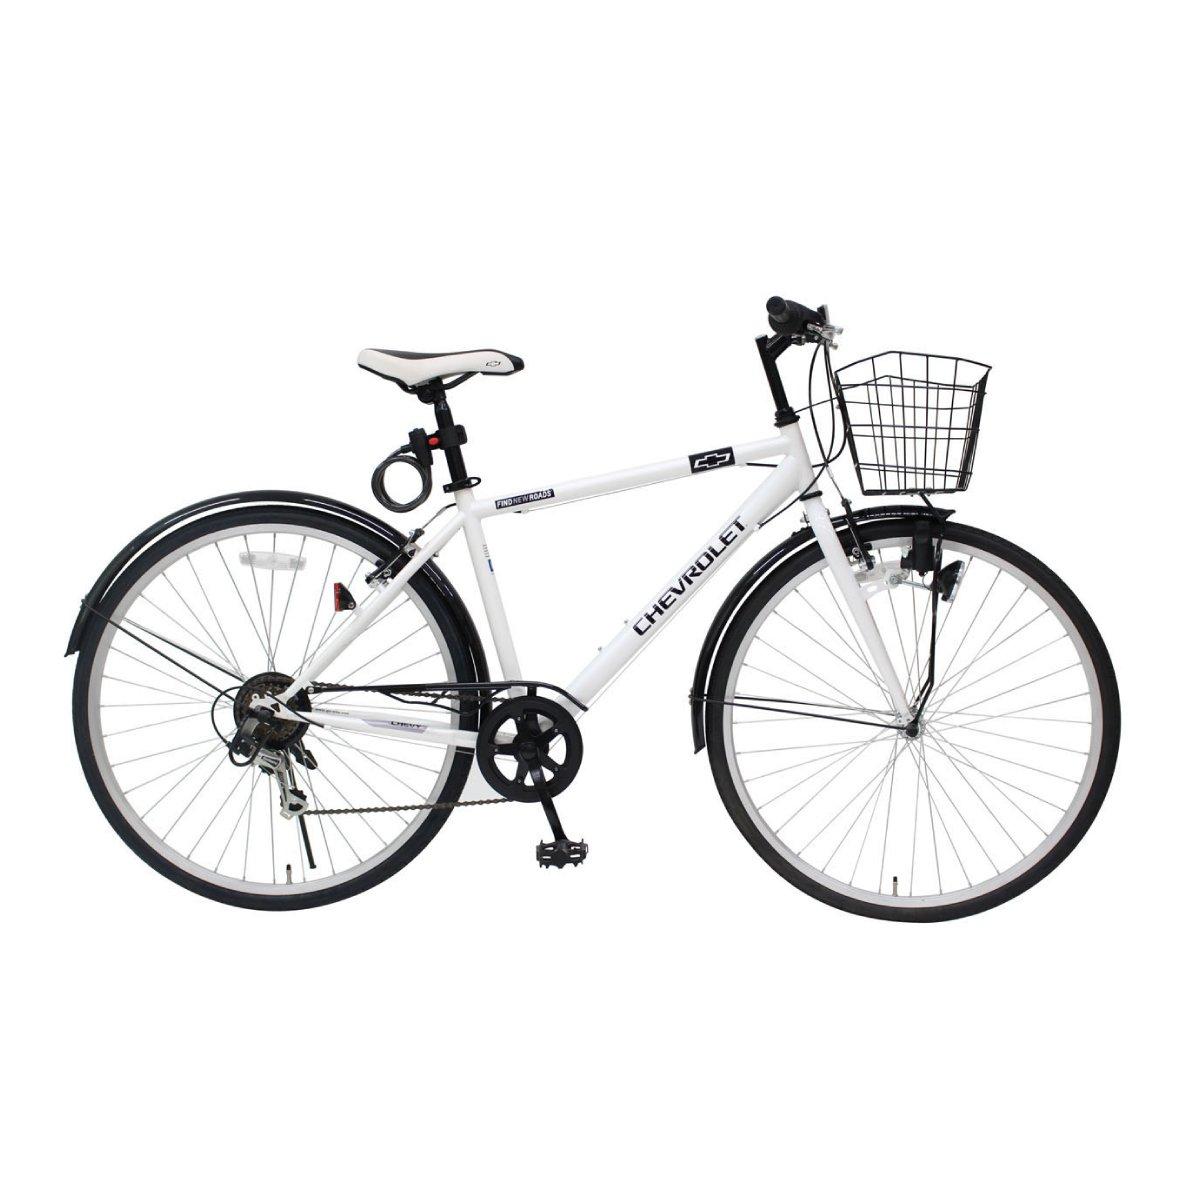 自転車 カゴ付き おしゃれ シボレー 700Cクロスバイク 6段ギア ホワイト CROSSBIKE700C6SF MG-CV7006F-RL B07BPCLD9T